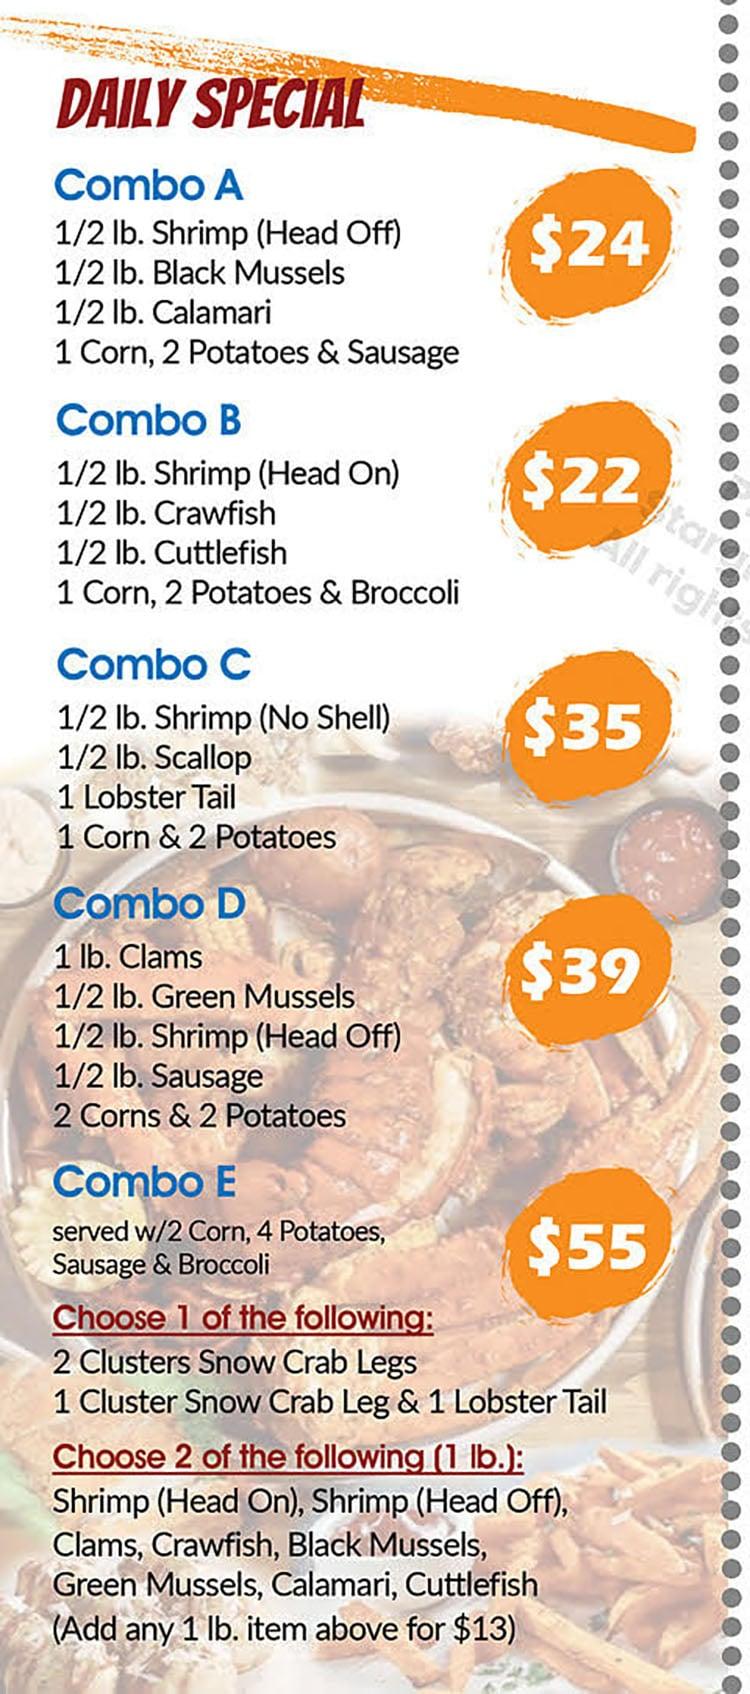 Cajun Boil Seafood Restaurant menu - daily specials